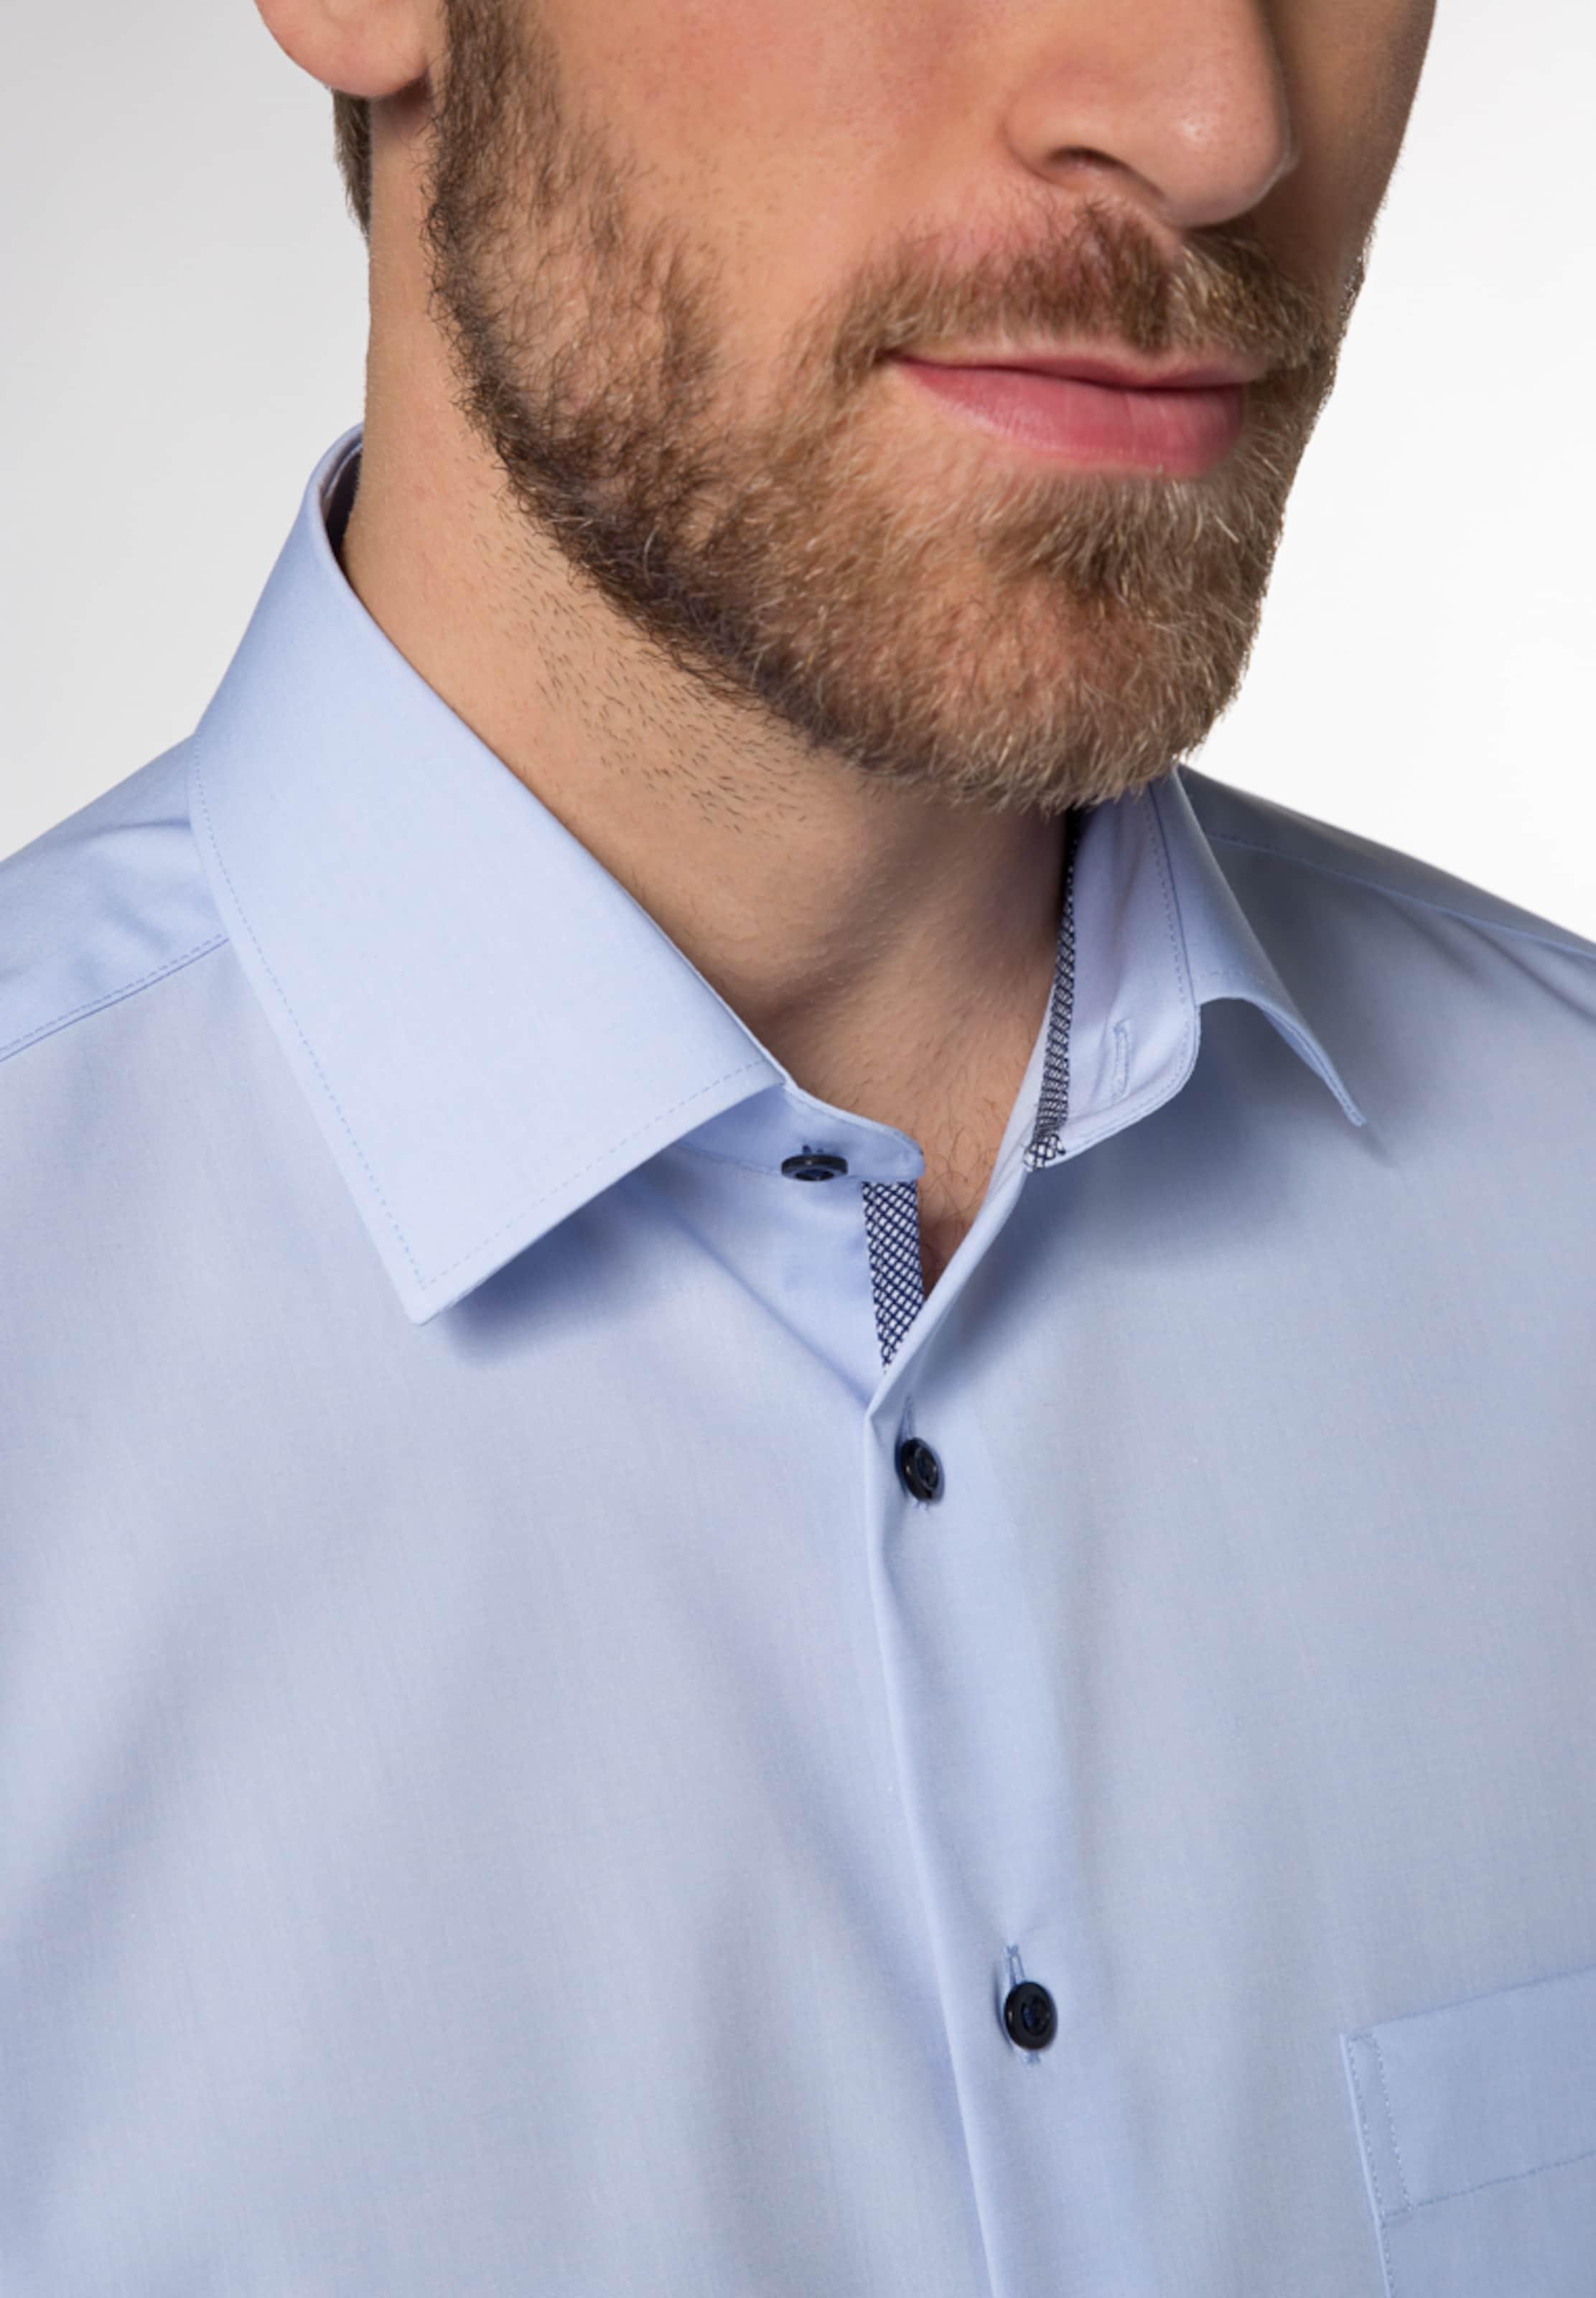 Spielraum Online-Shop Discount-Marke Neue Unisex ETERNA Langarm Hemd MODERN FIT Billig Verkauf Beruf Fabrikpreis Freies Verschiffen-Spielraum Store x5RGDtGjL